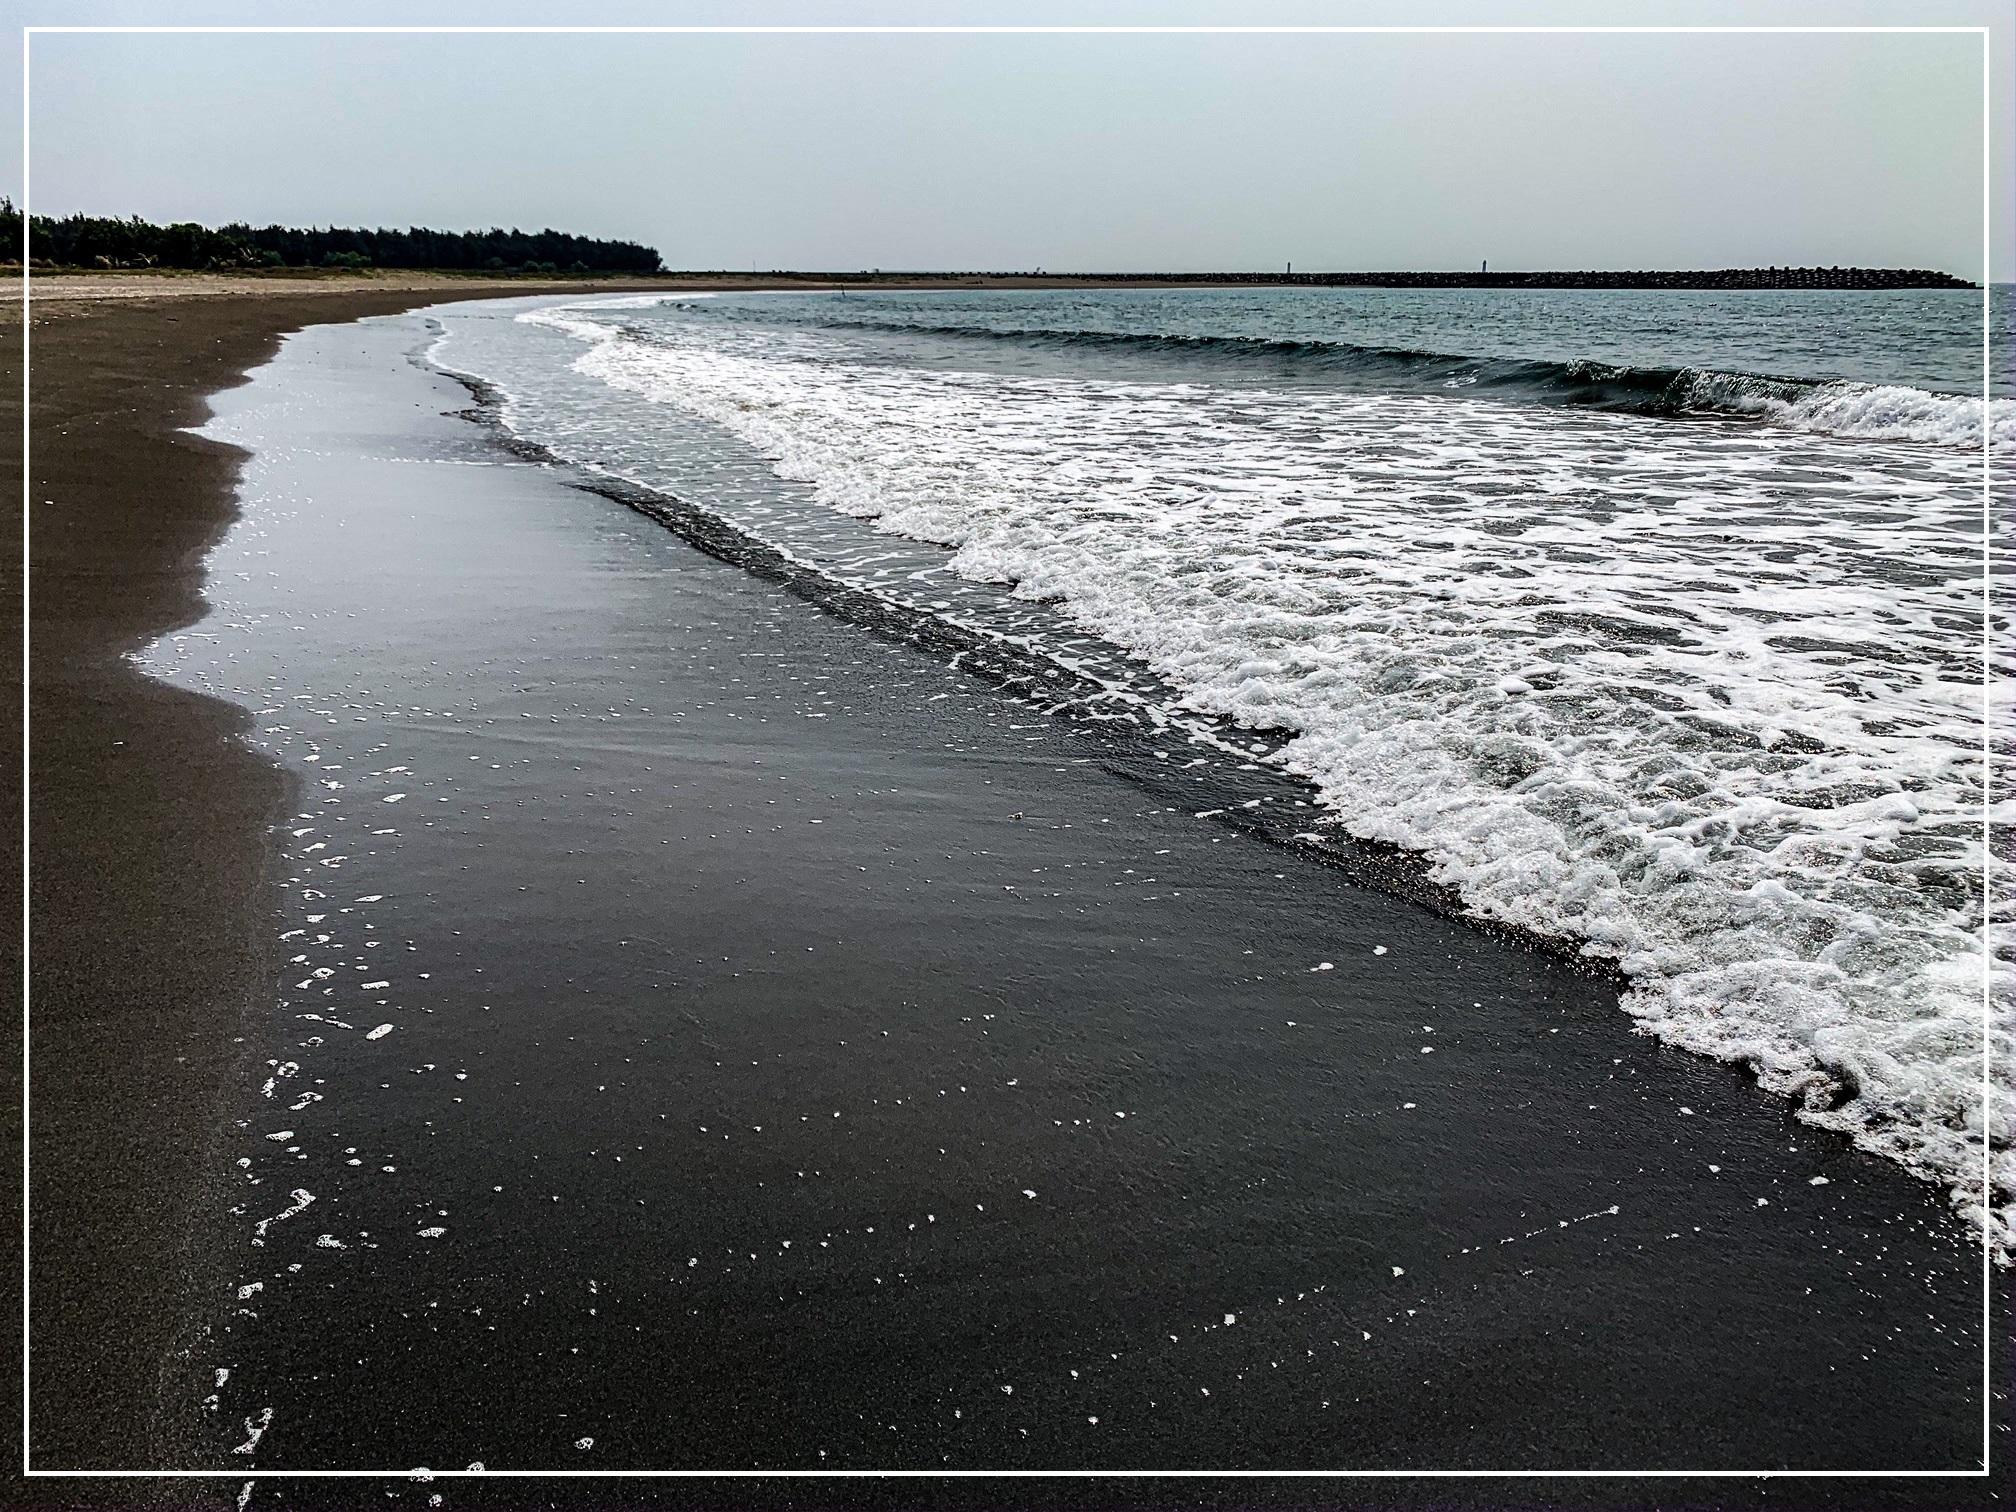 black beach of Tainan cierna plaz tainan taiwanjpg